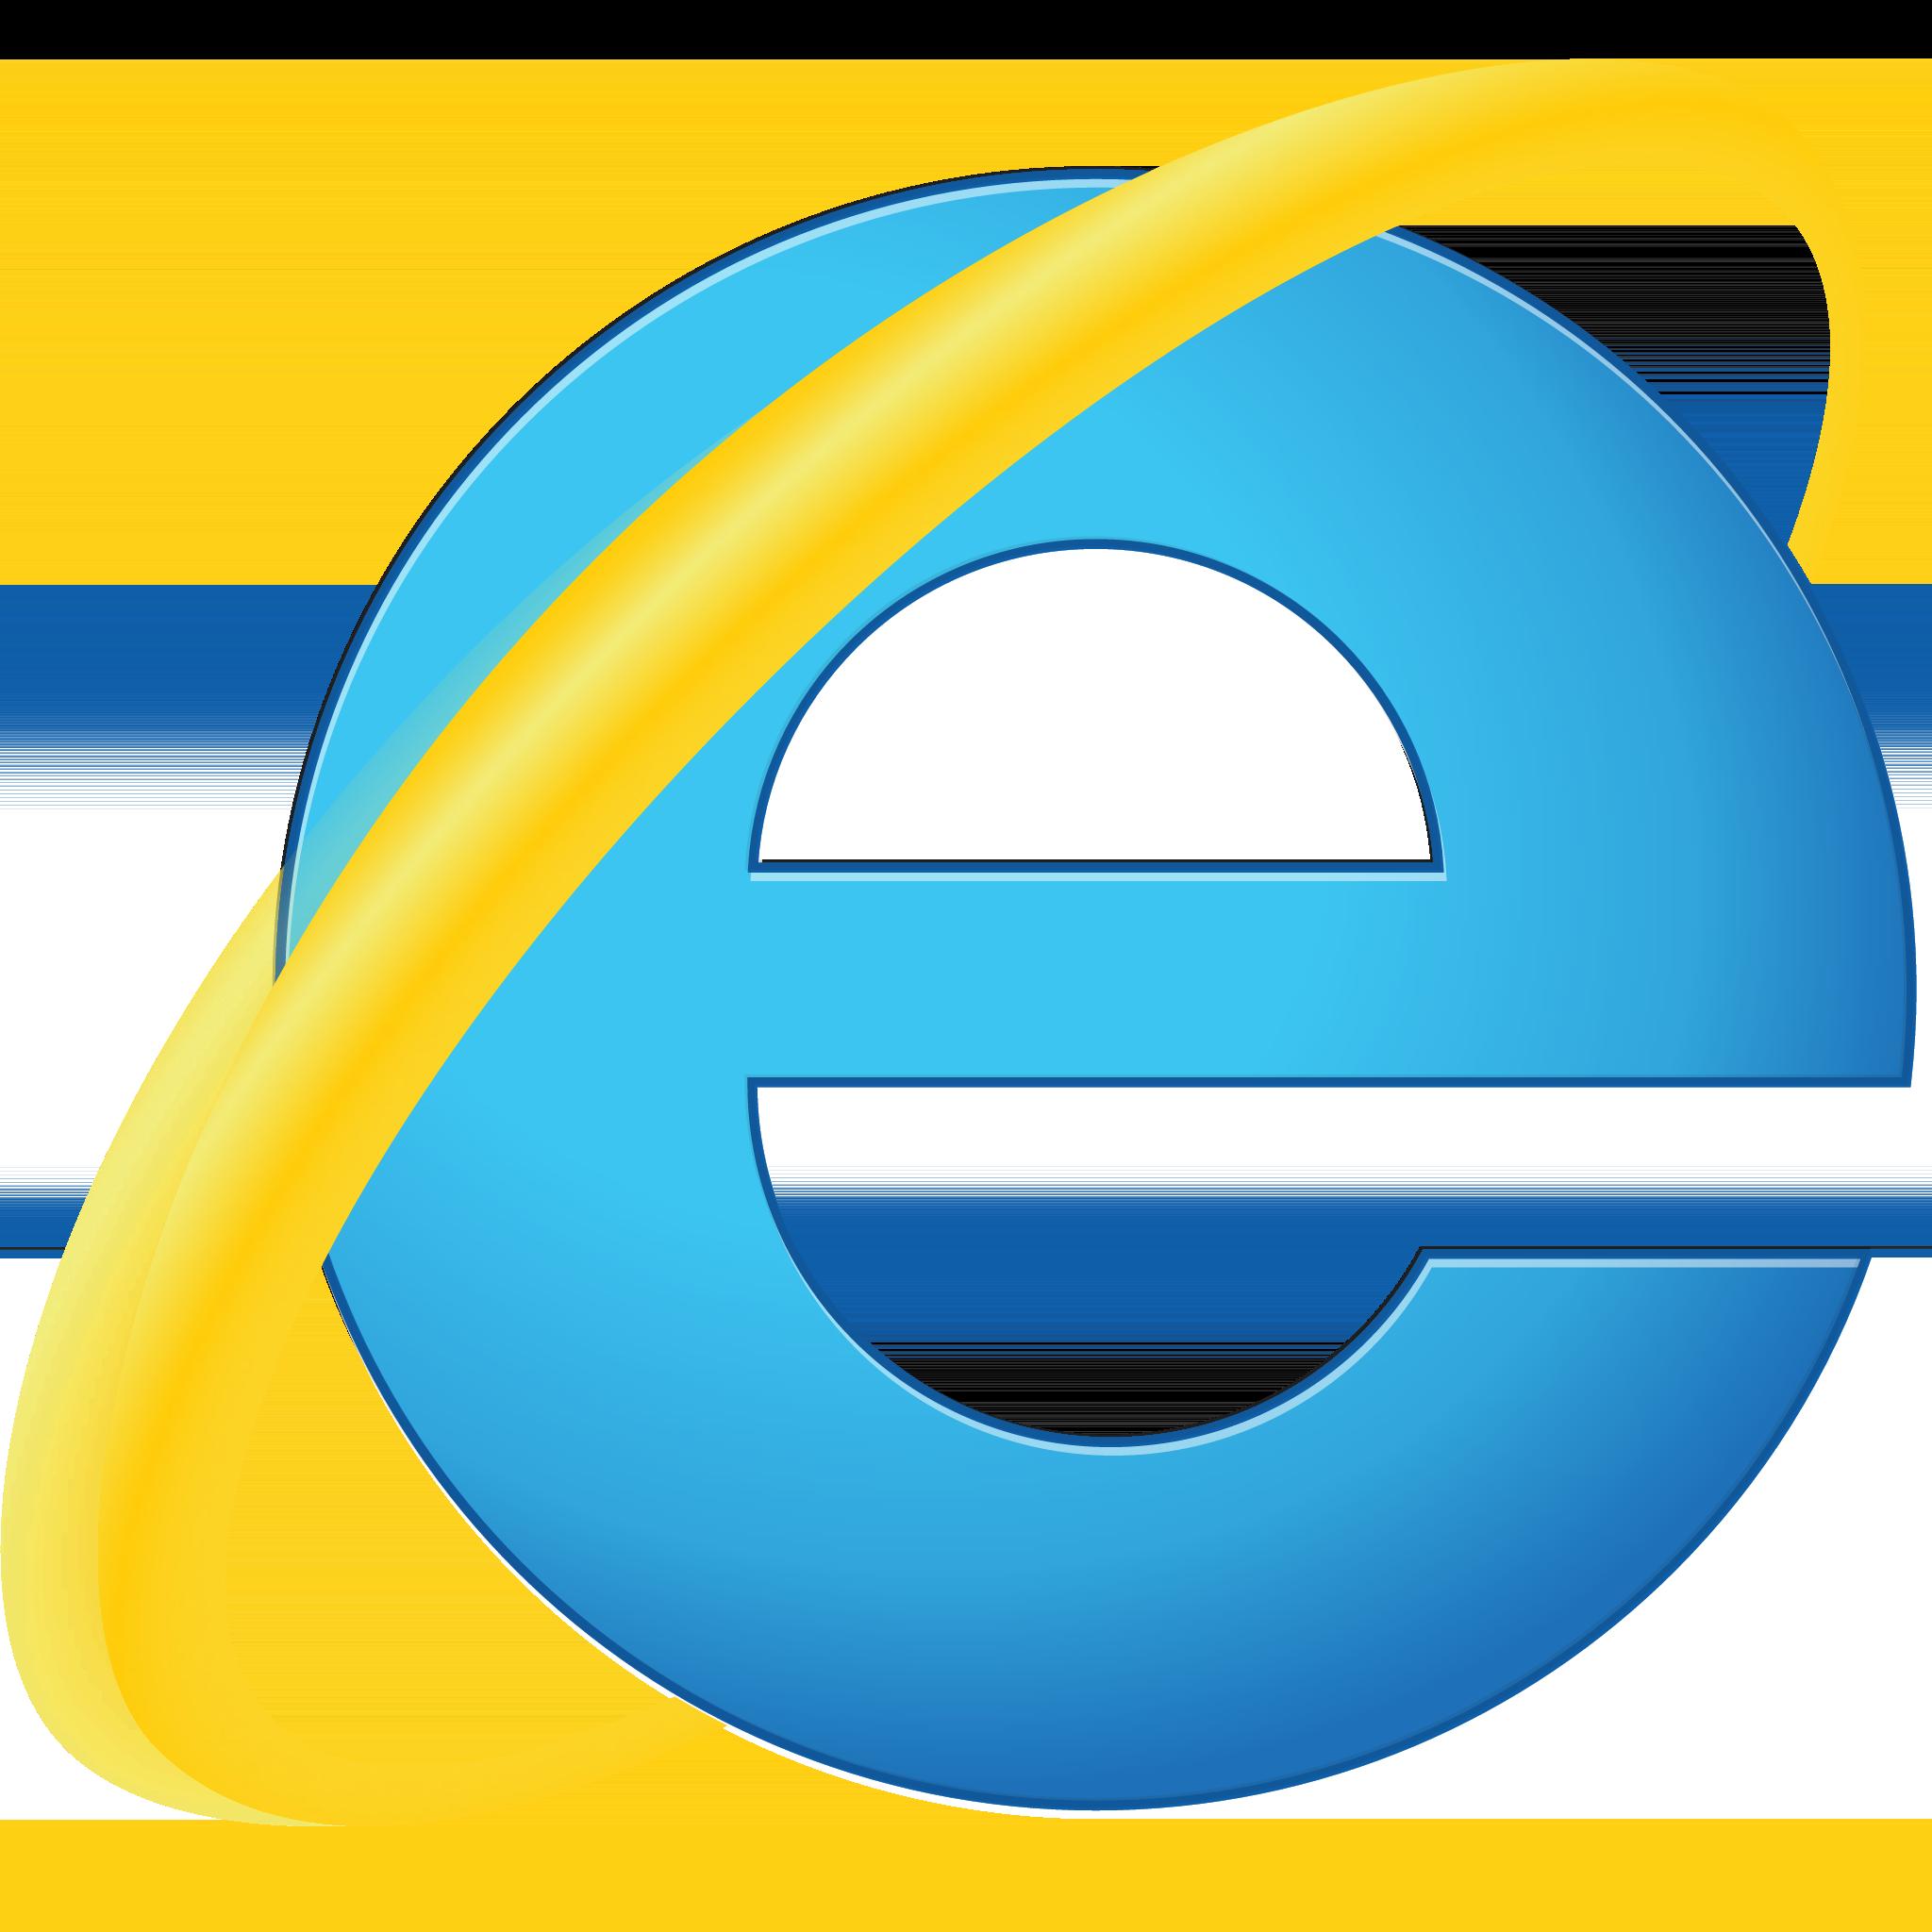 Internet Explorer Transparent Logo